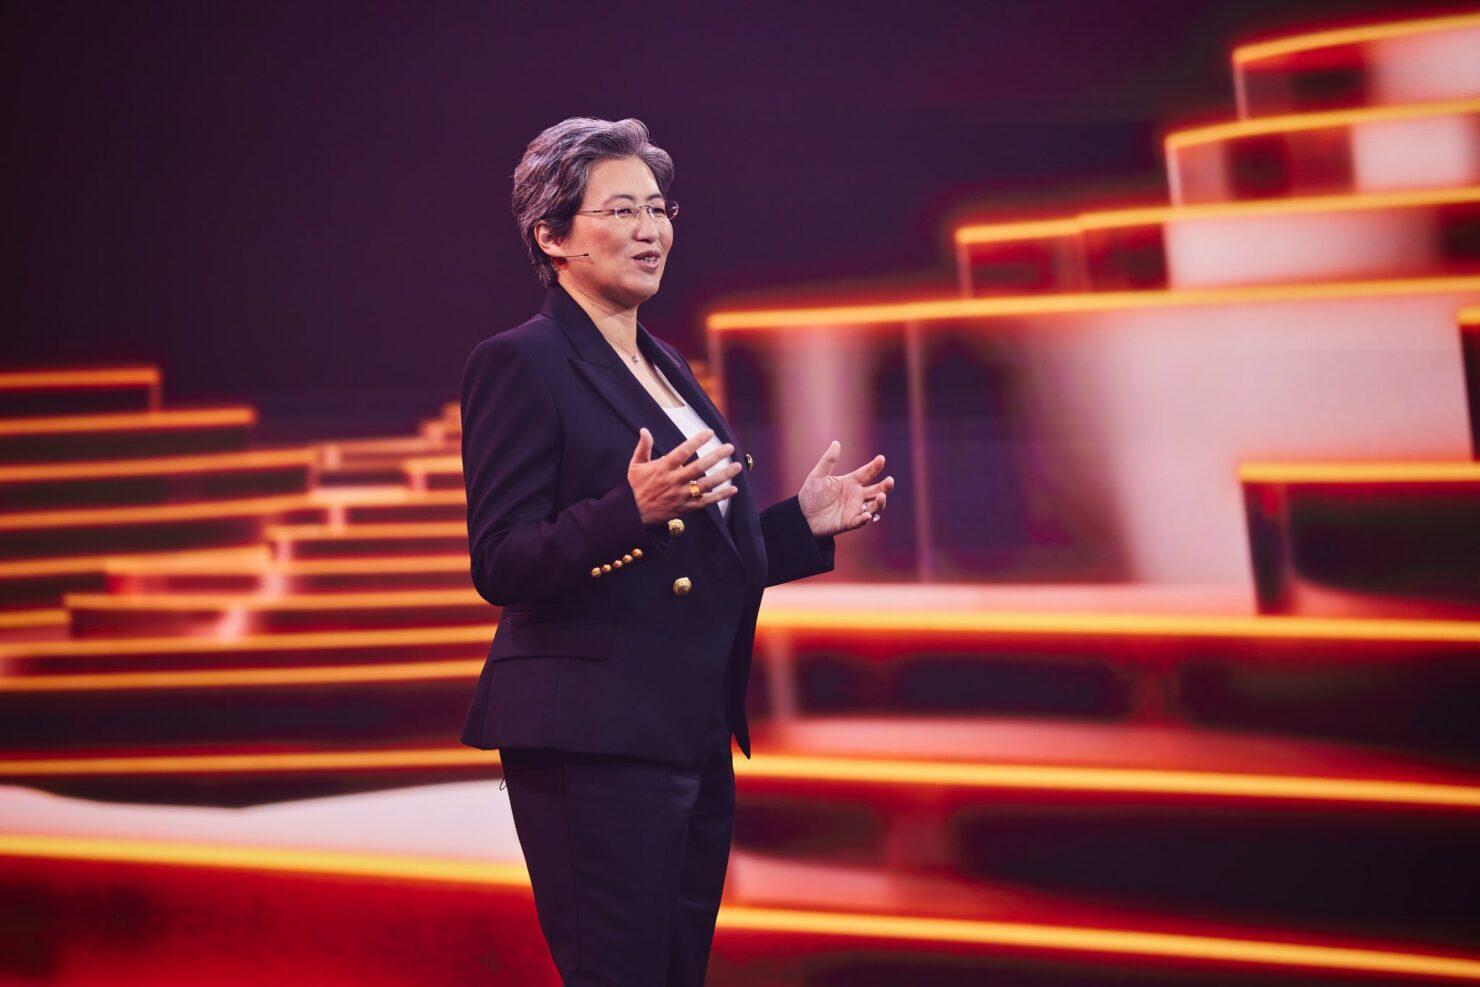 Watch The AMD Computex 2021 Keynote Live Here - Radeon RX 6000M, Next-Gen Ryzen, Threadripper CPUs & More